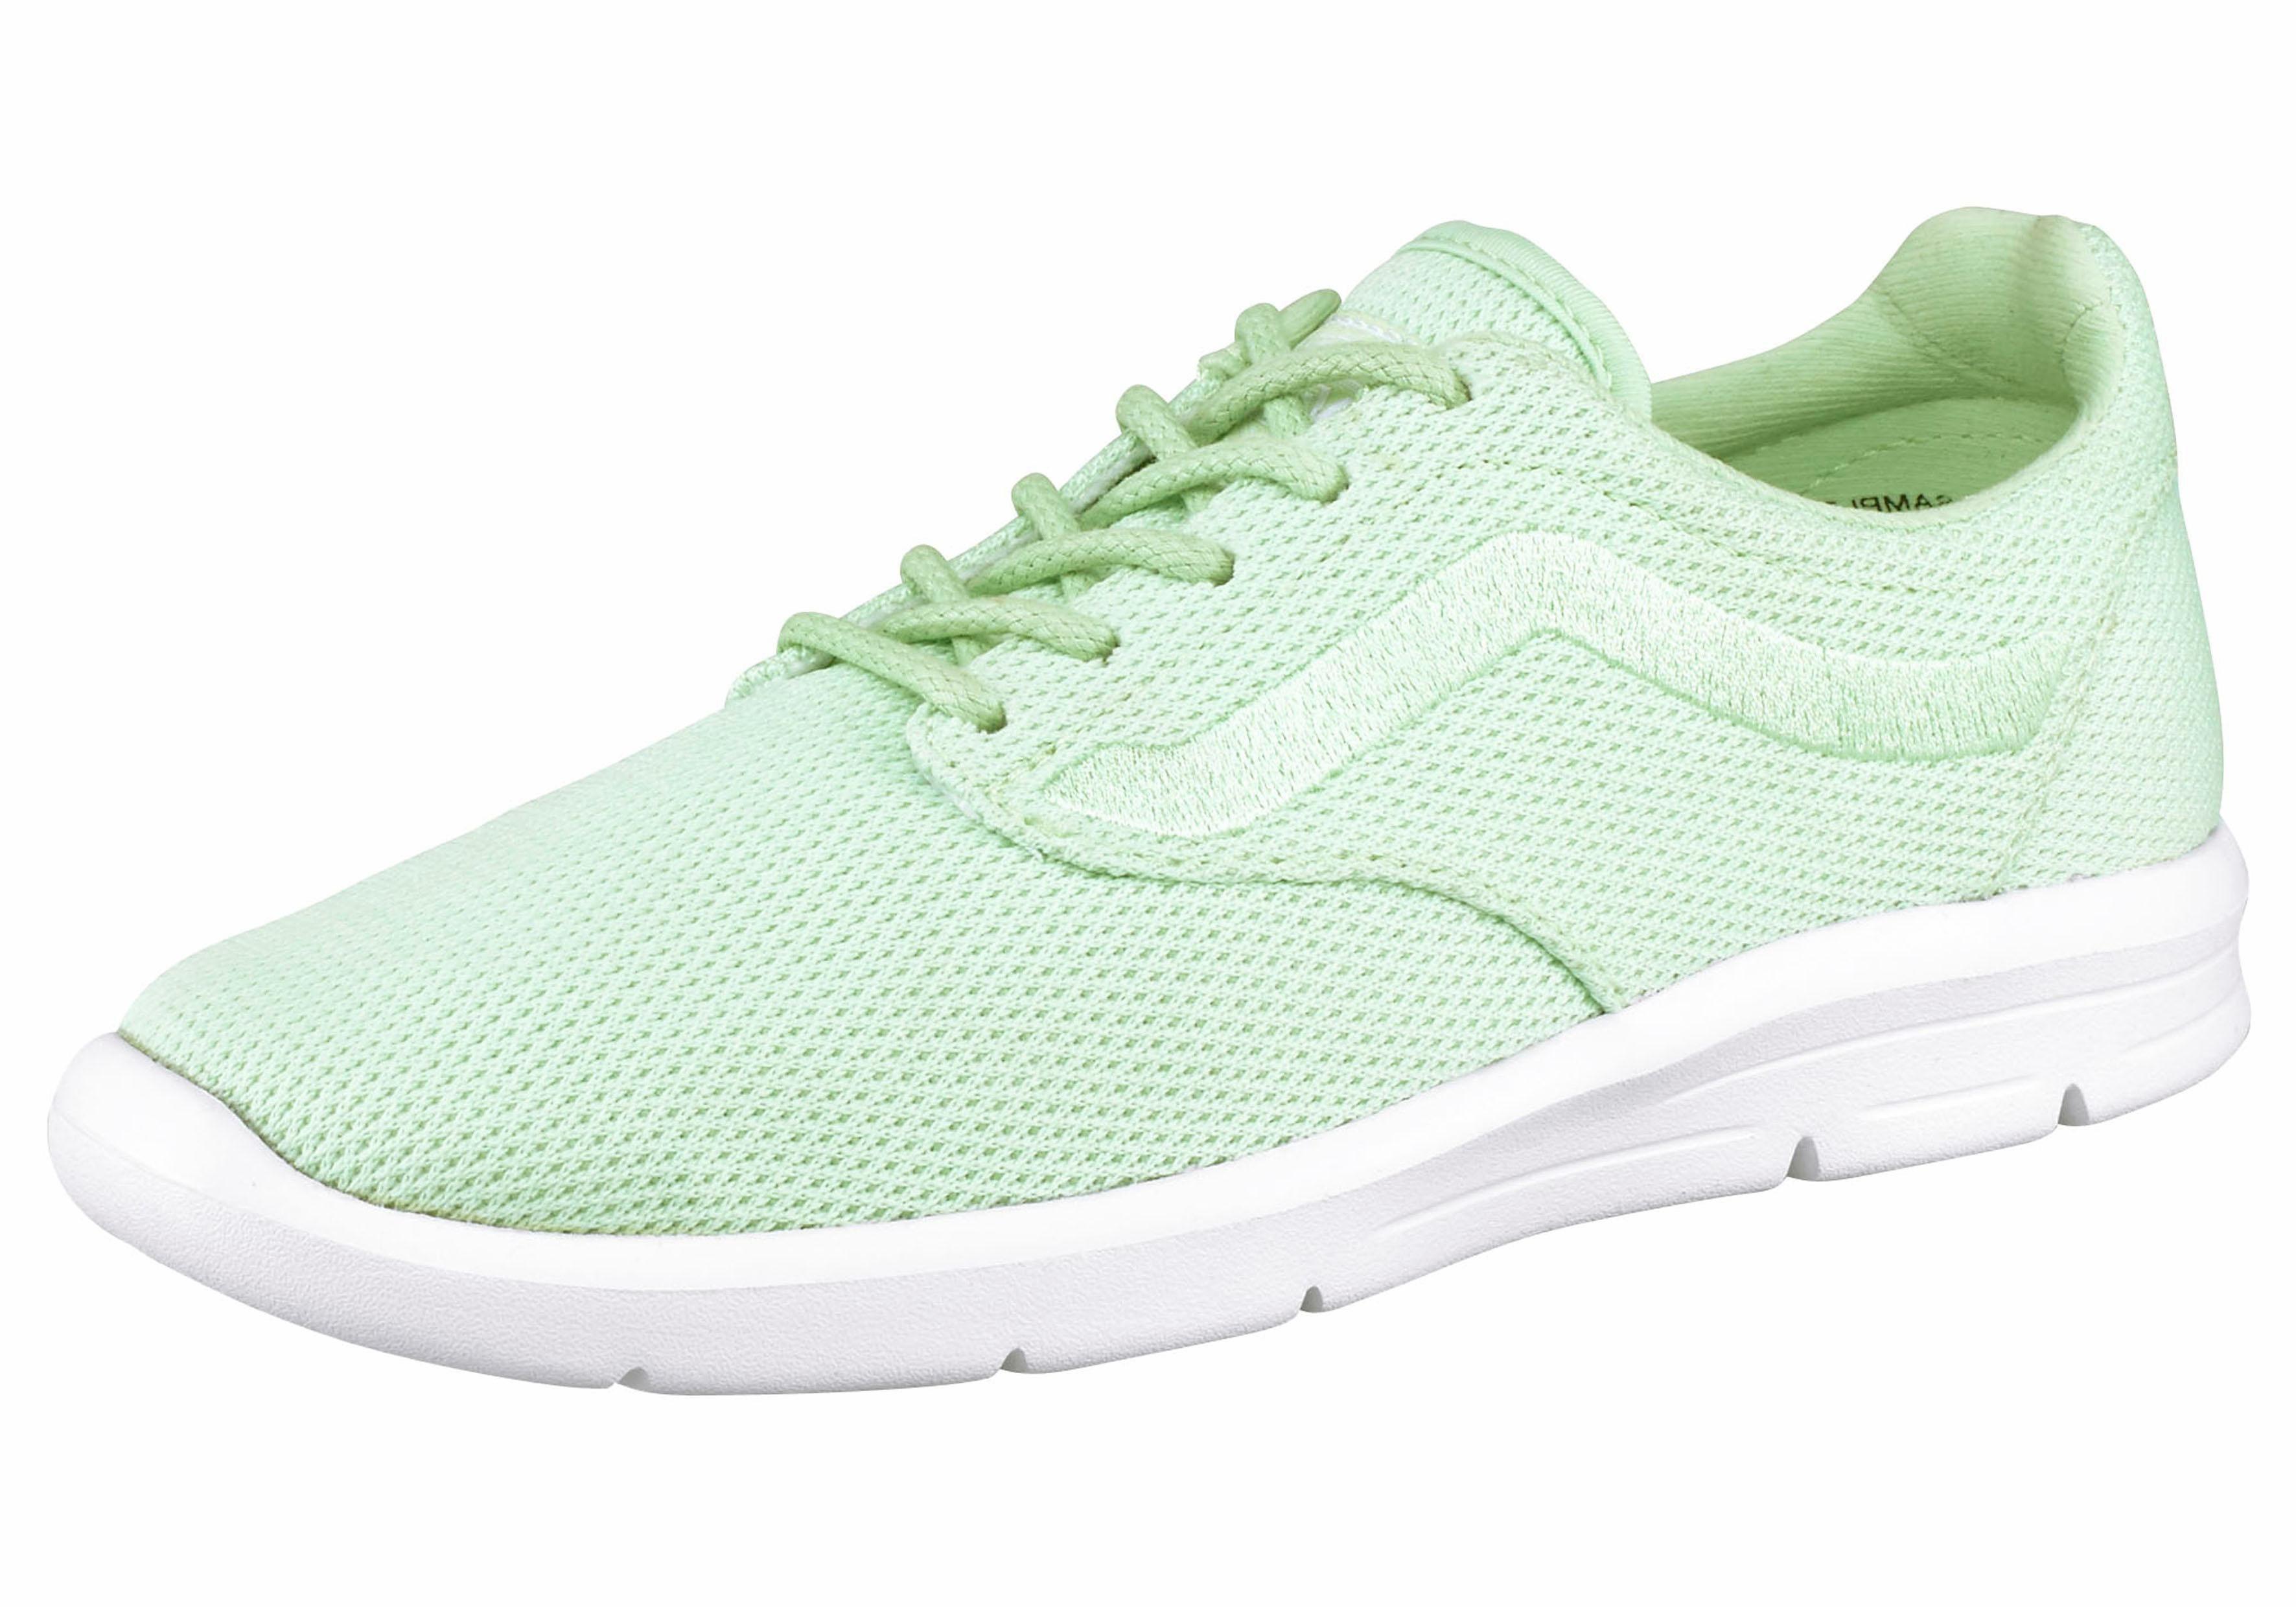 Vans Iso 15 + Sneaker online kaufen  grün